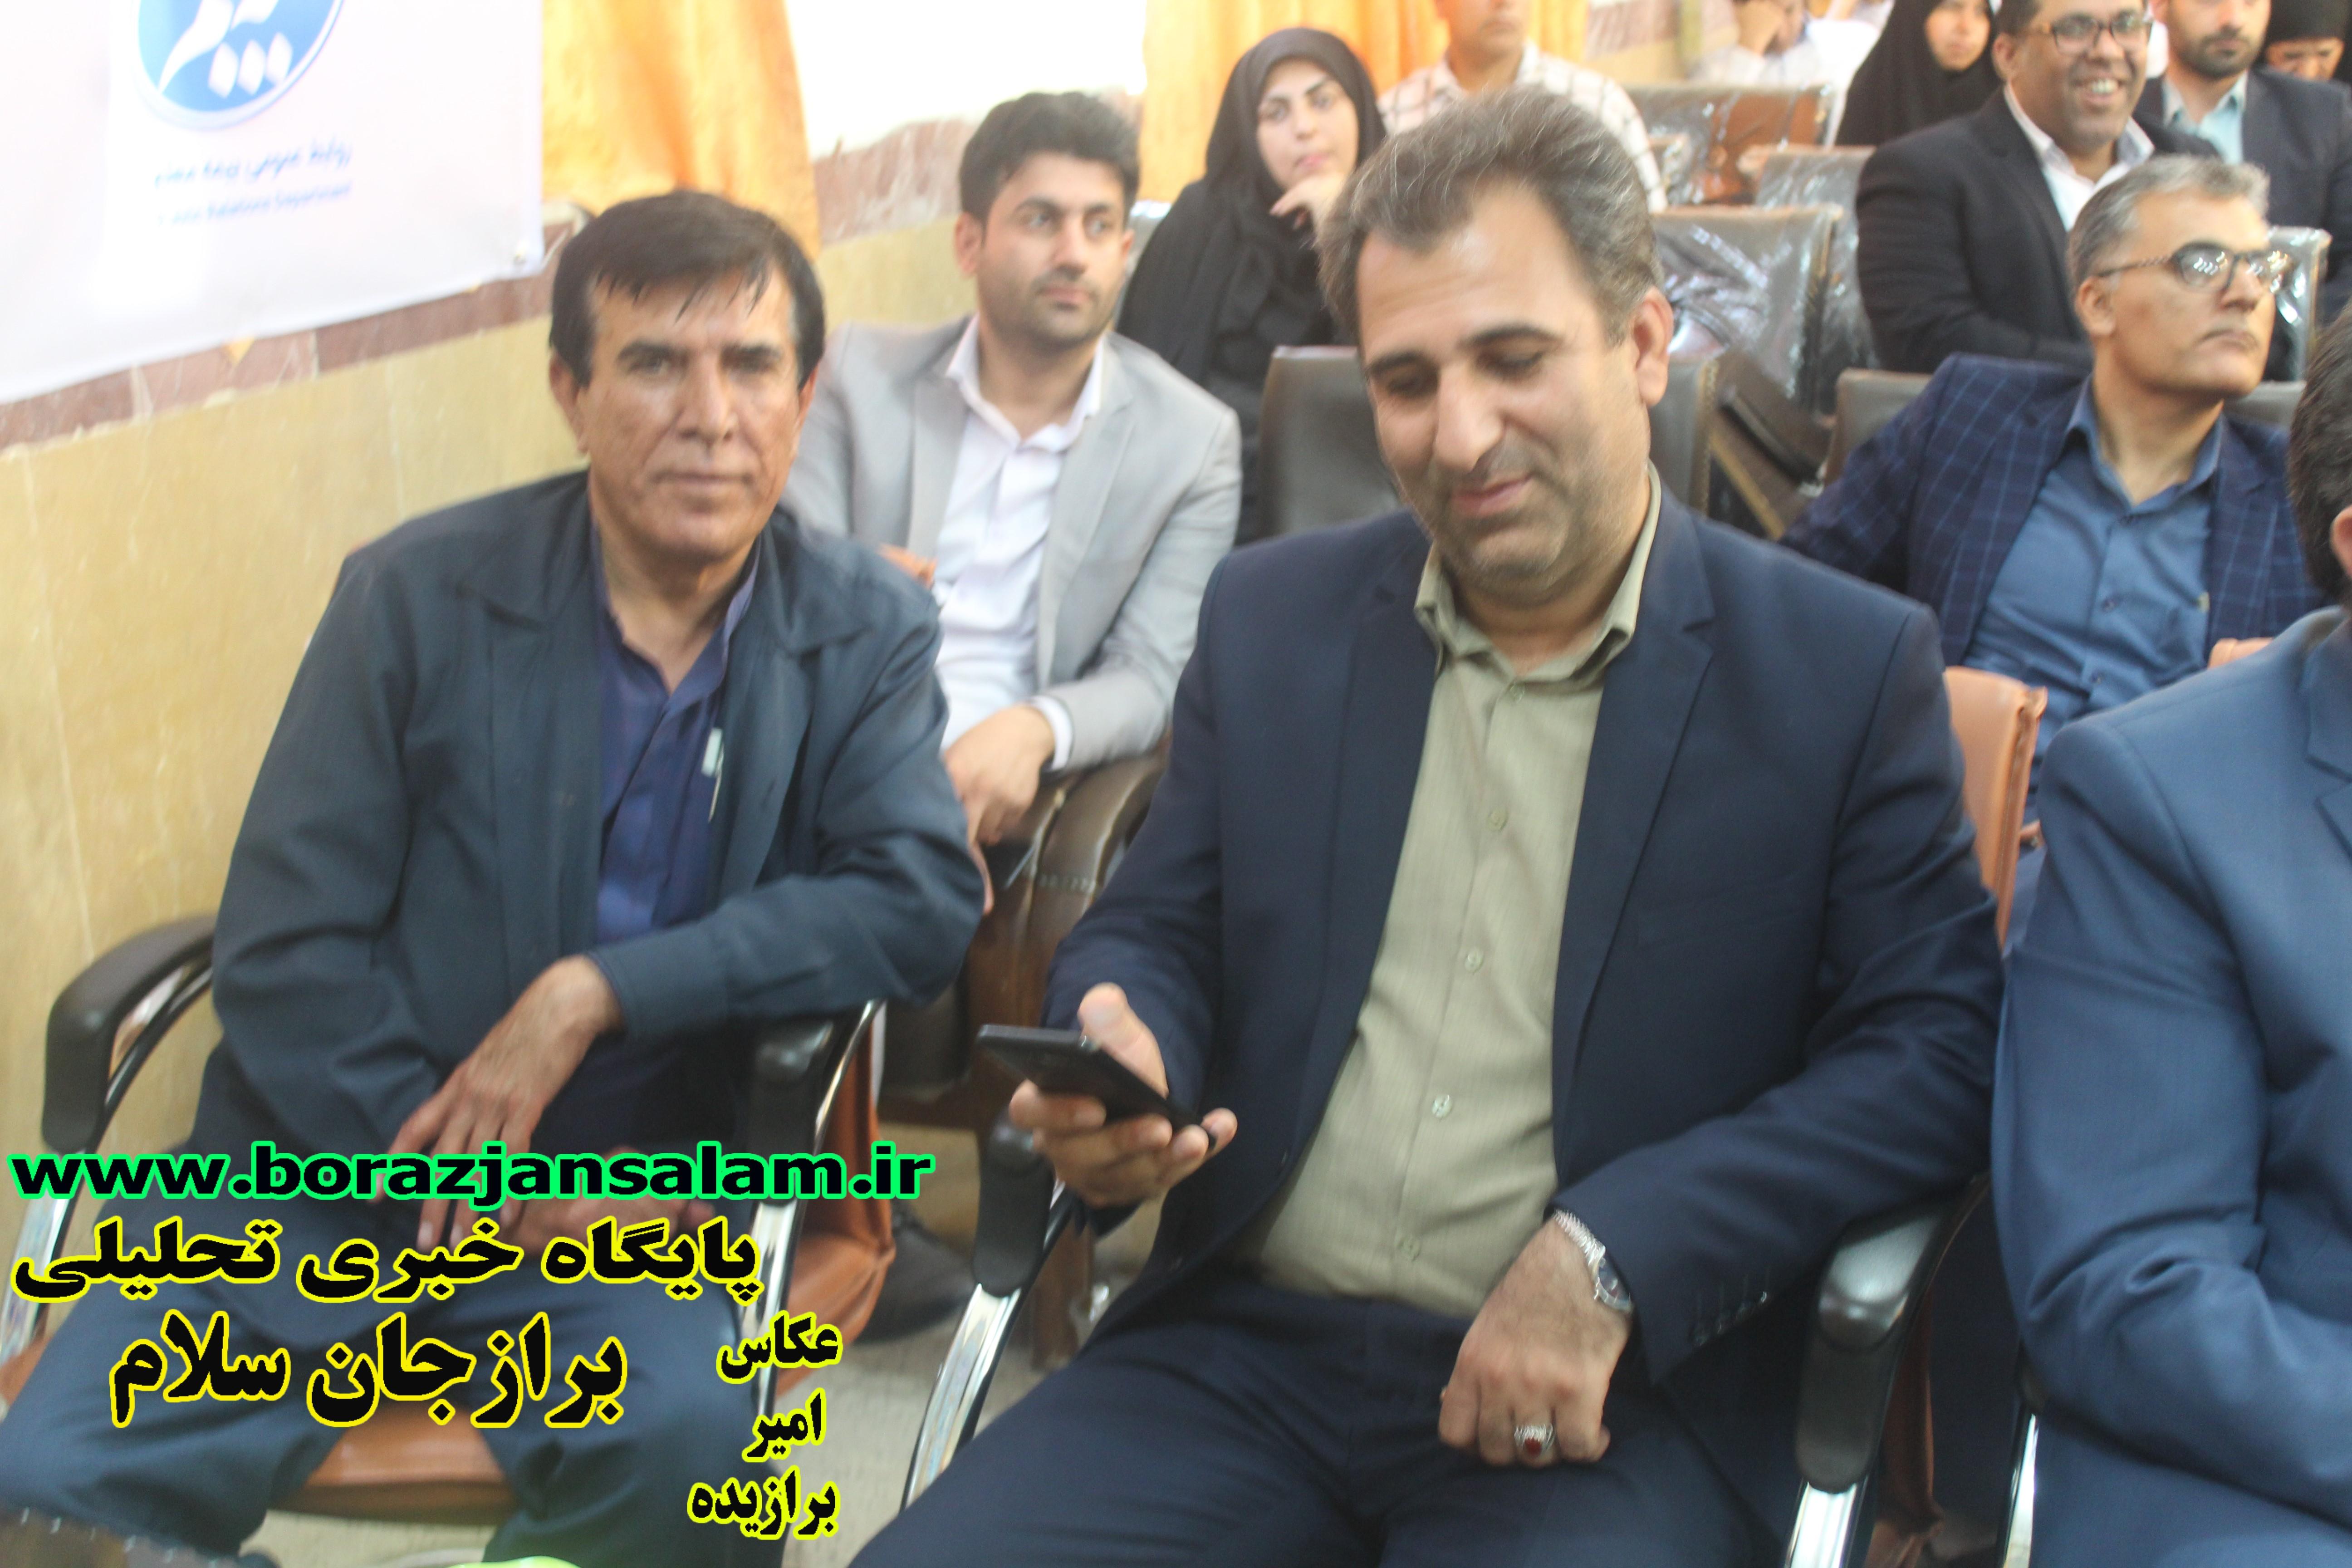 پیام تبریک شهردار برازجان به مناسبت آغاز پاییز و بازگشایی مدارس